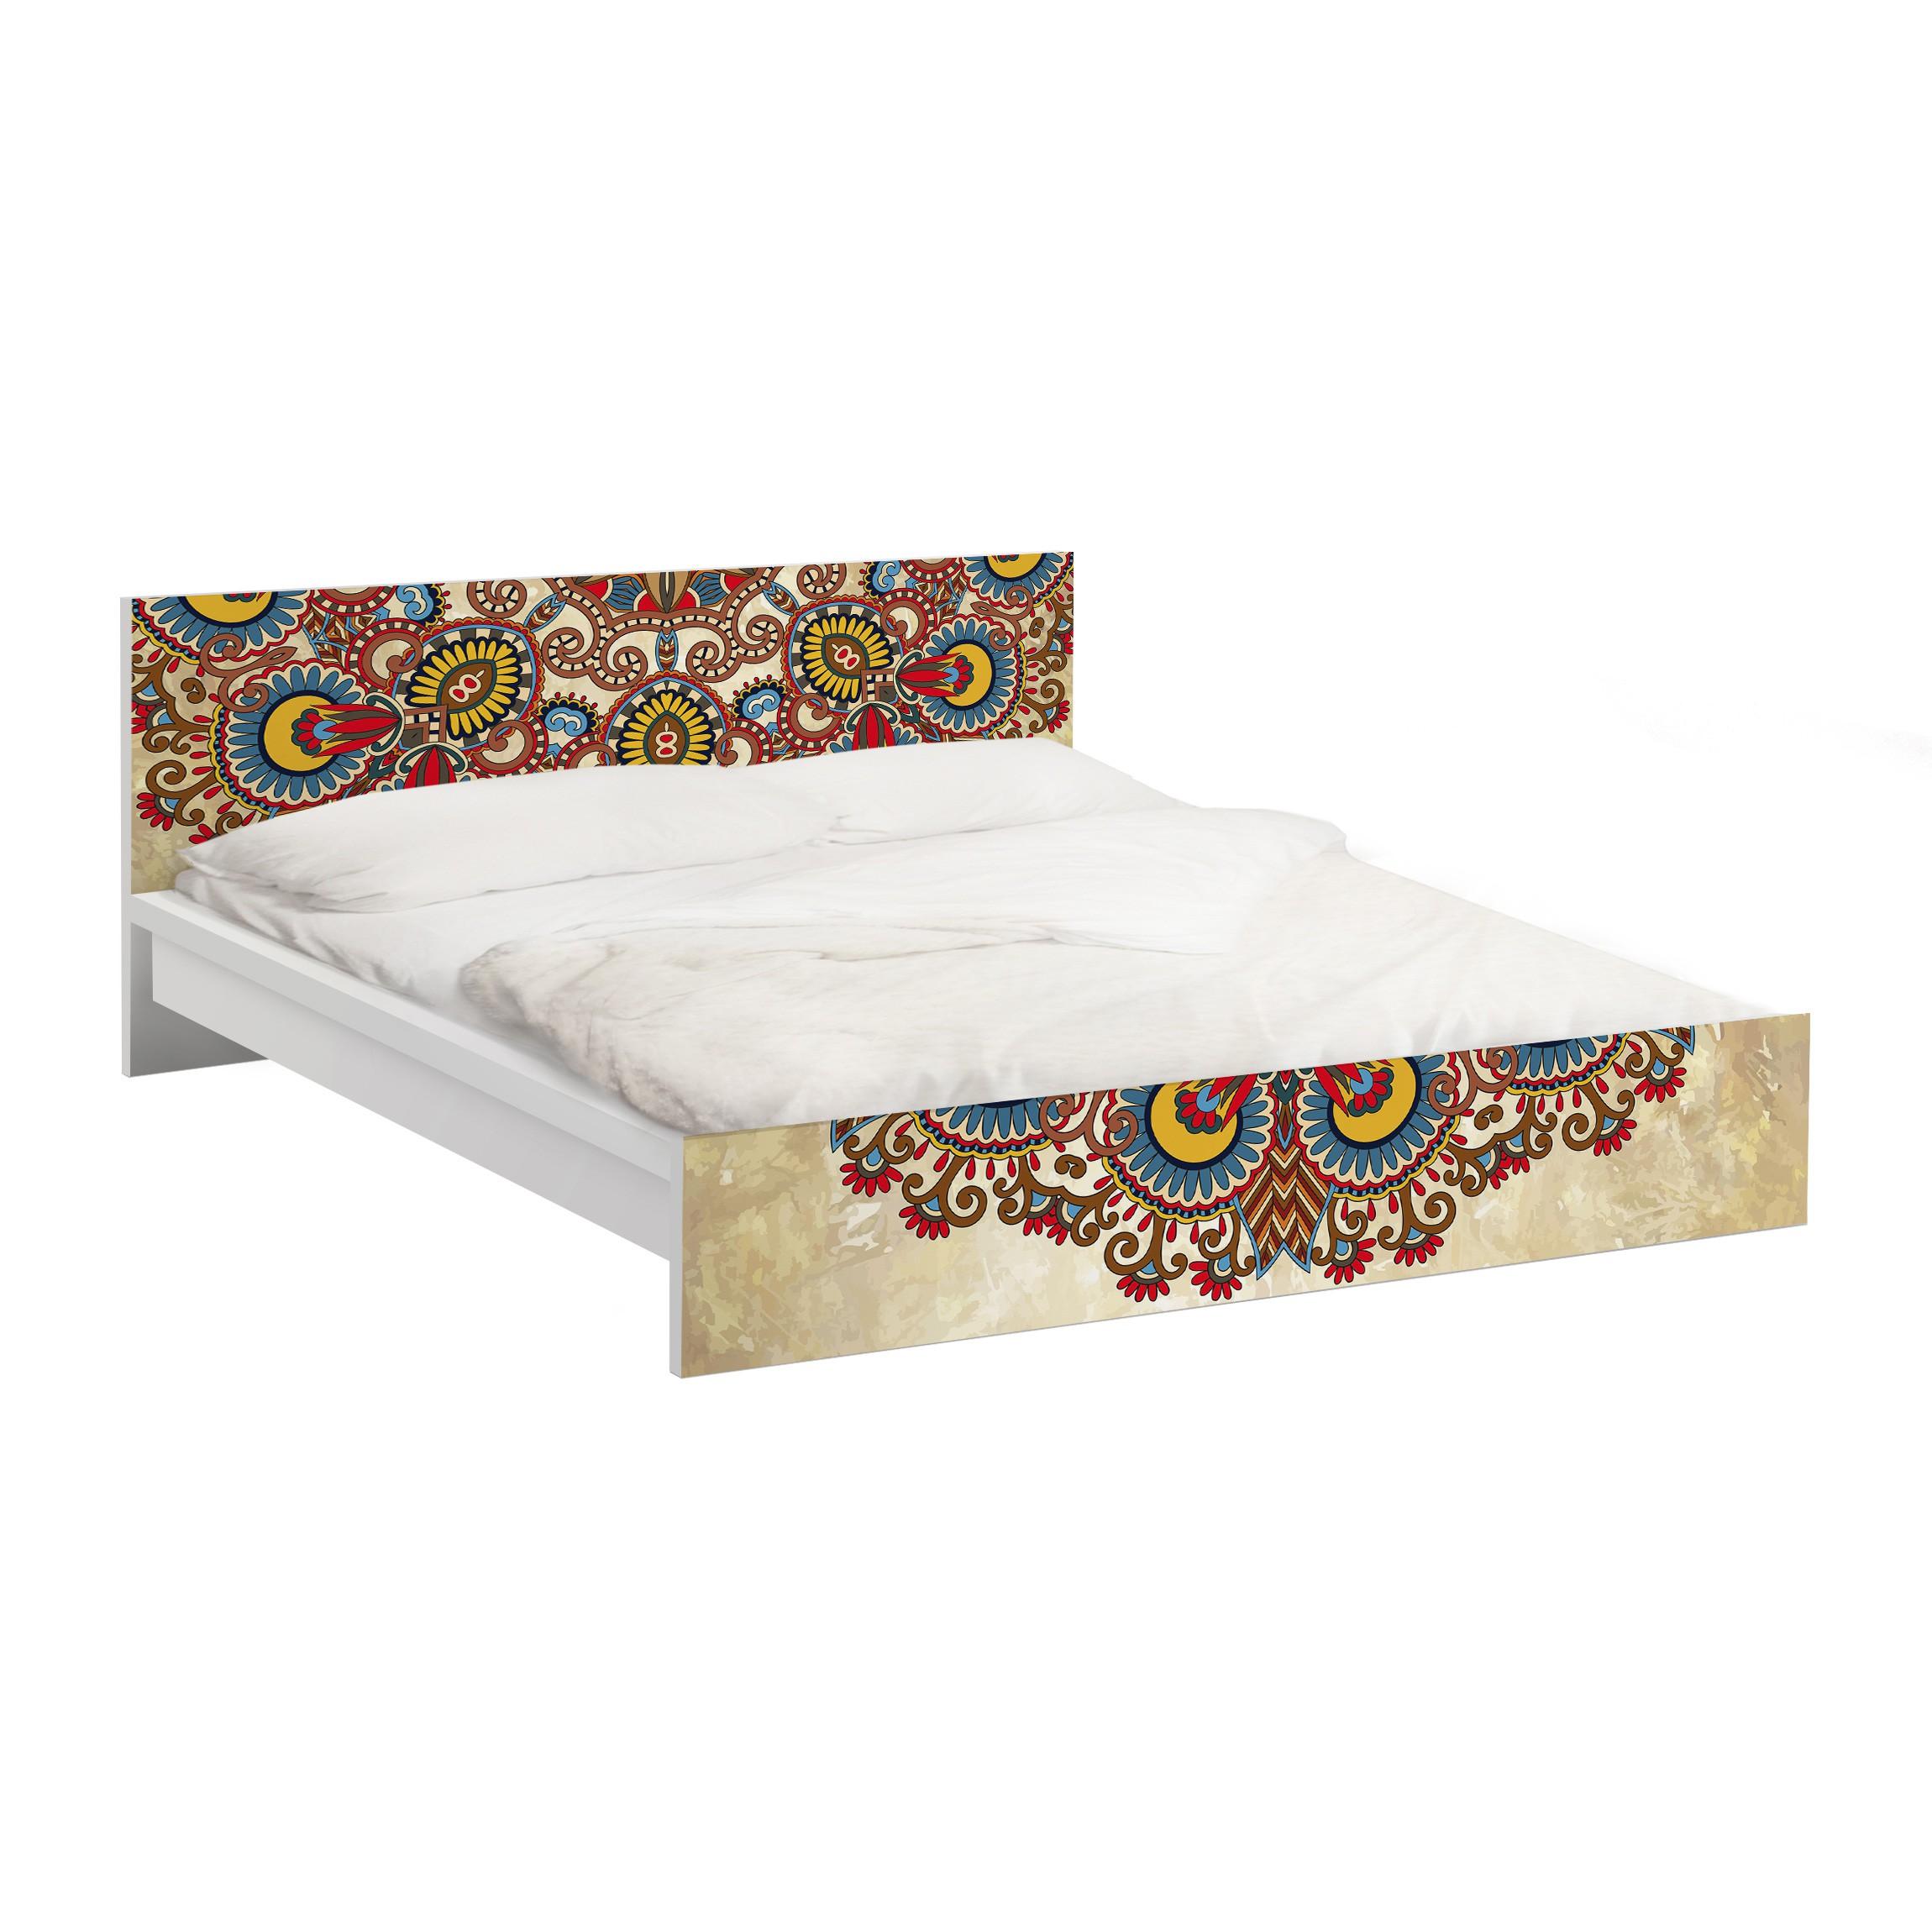 Carta adesiva per mobili ikea malm letto basso 140x200cm coloured mandala - Carta adesiva per mobili ikea ...